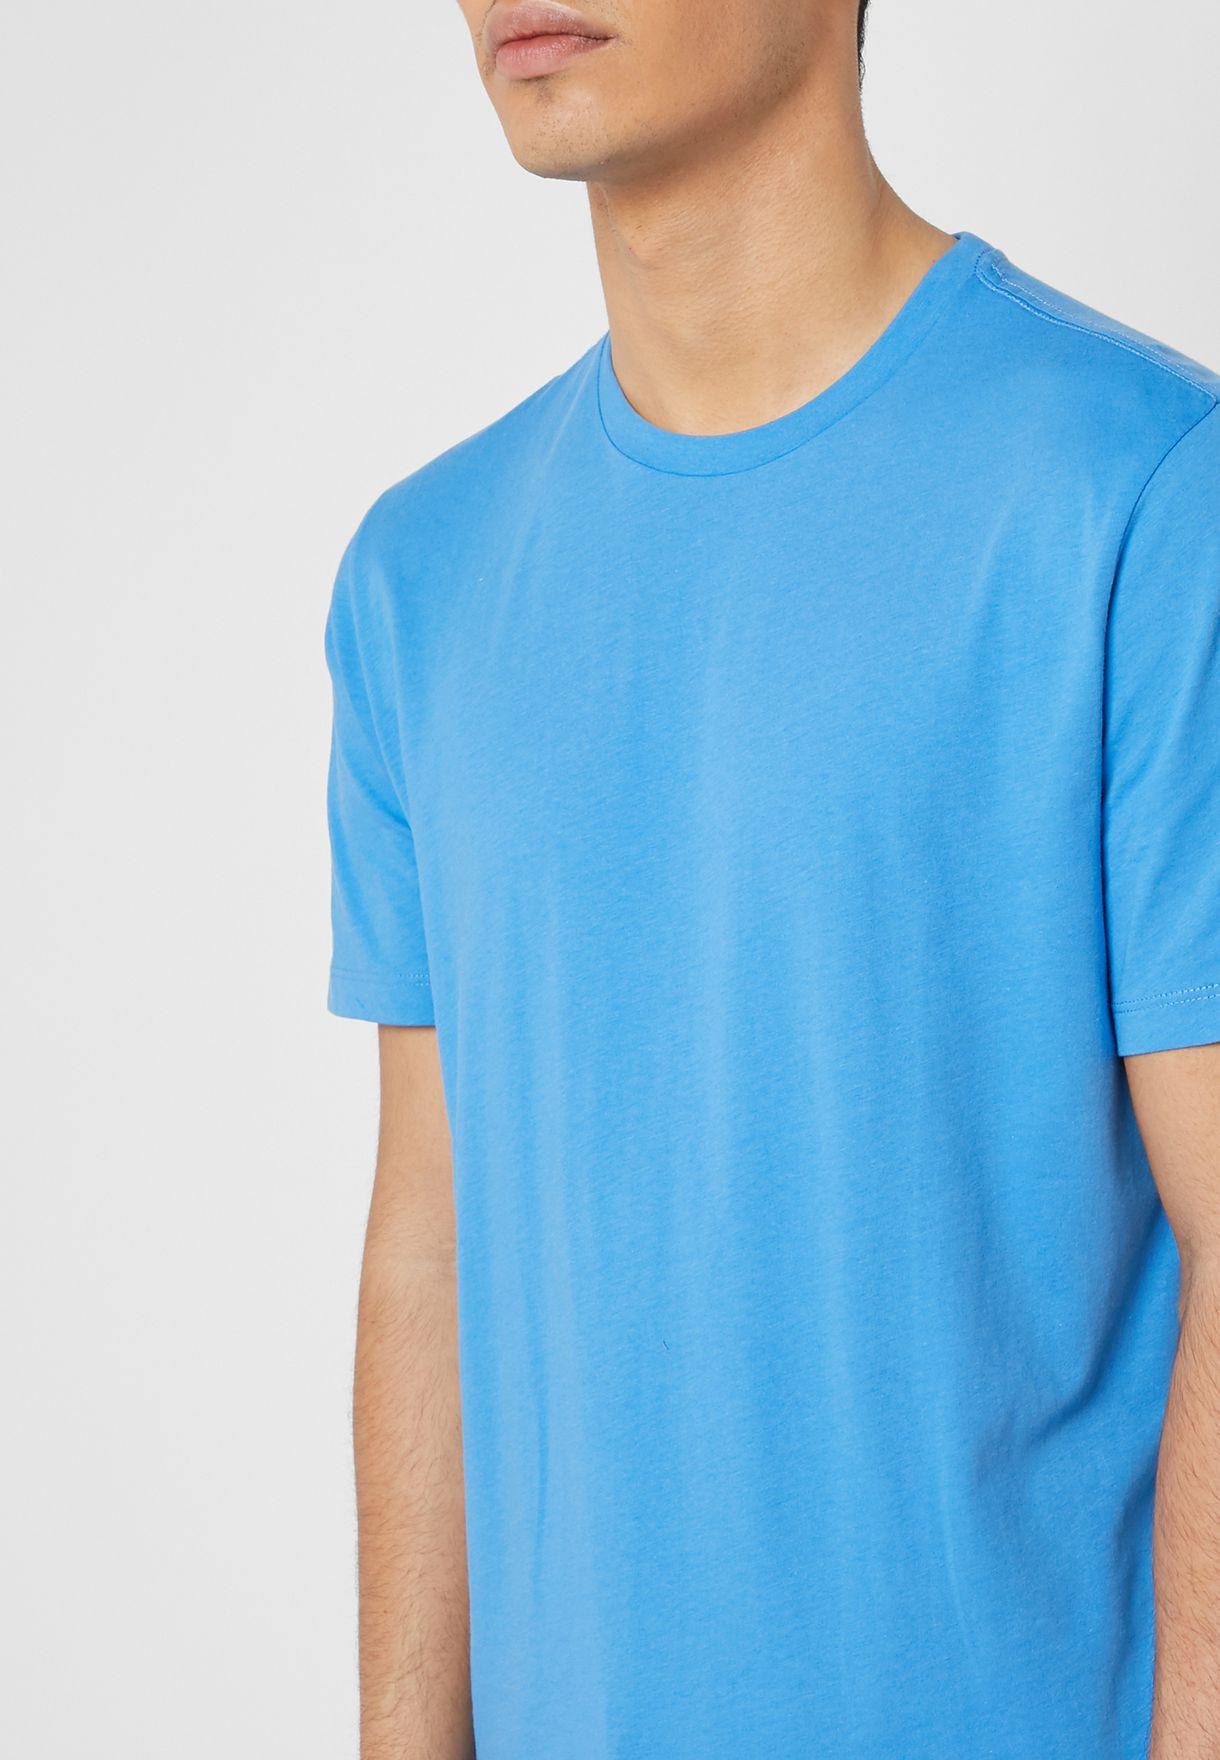 Bless Crew Neck T-Shirt